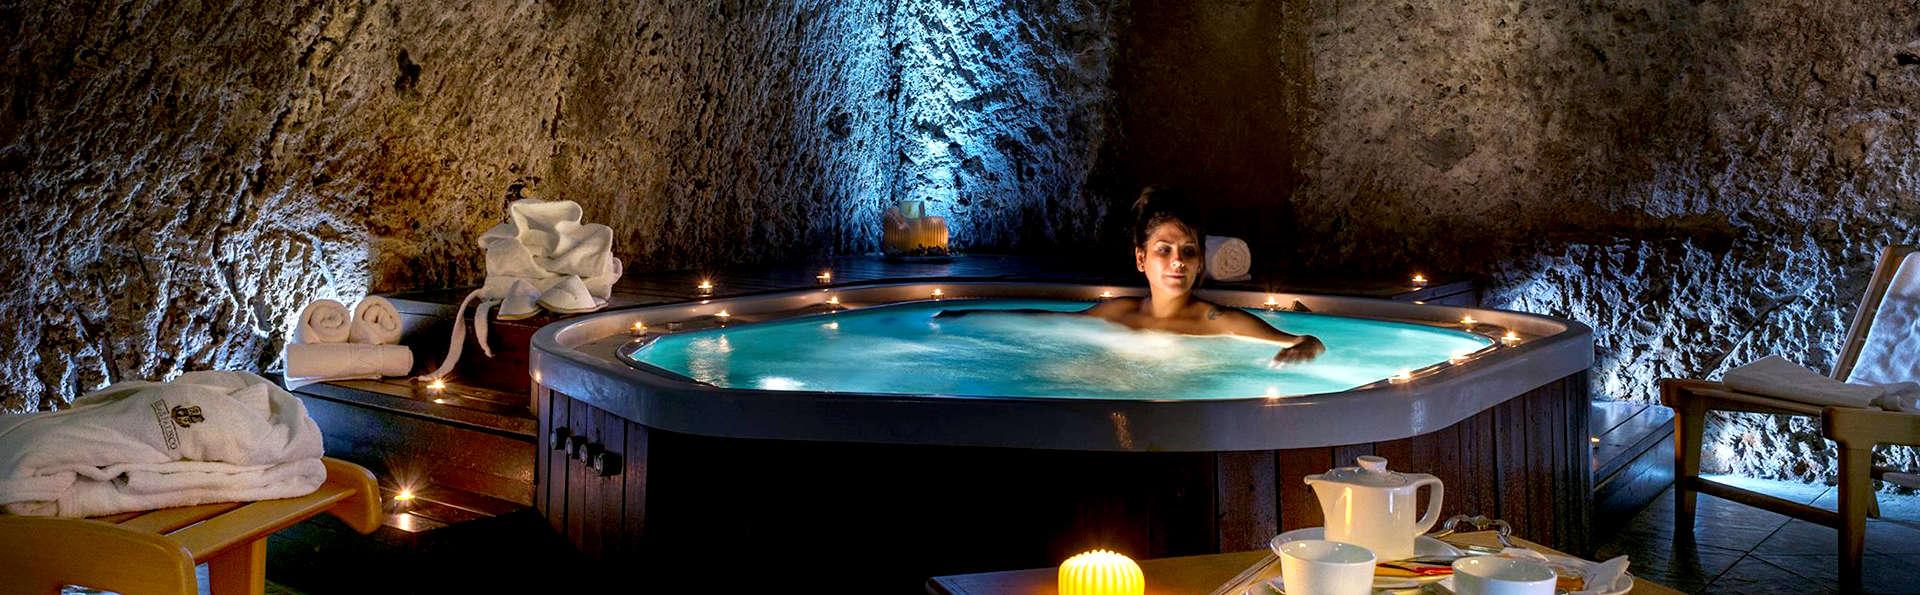 Romantisme dans un hôtel élégant du centre historique de Civita Castellana